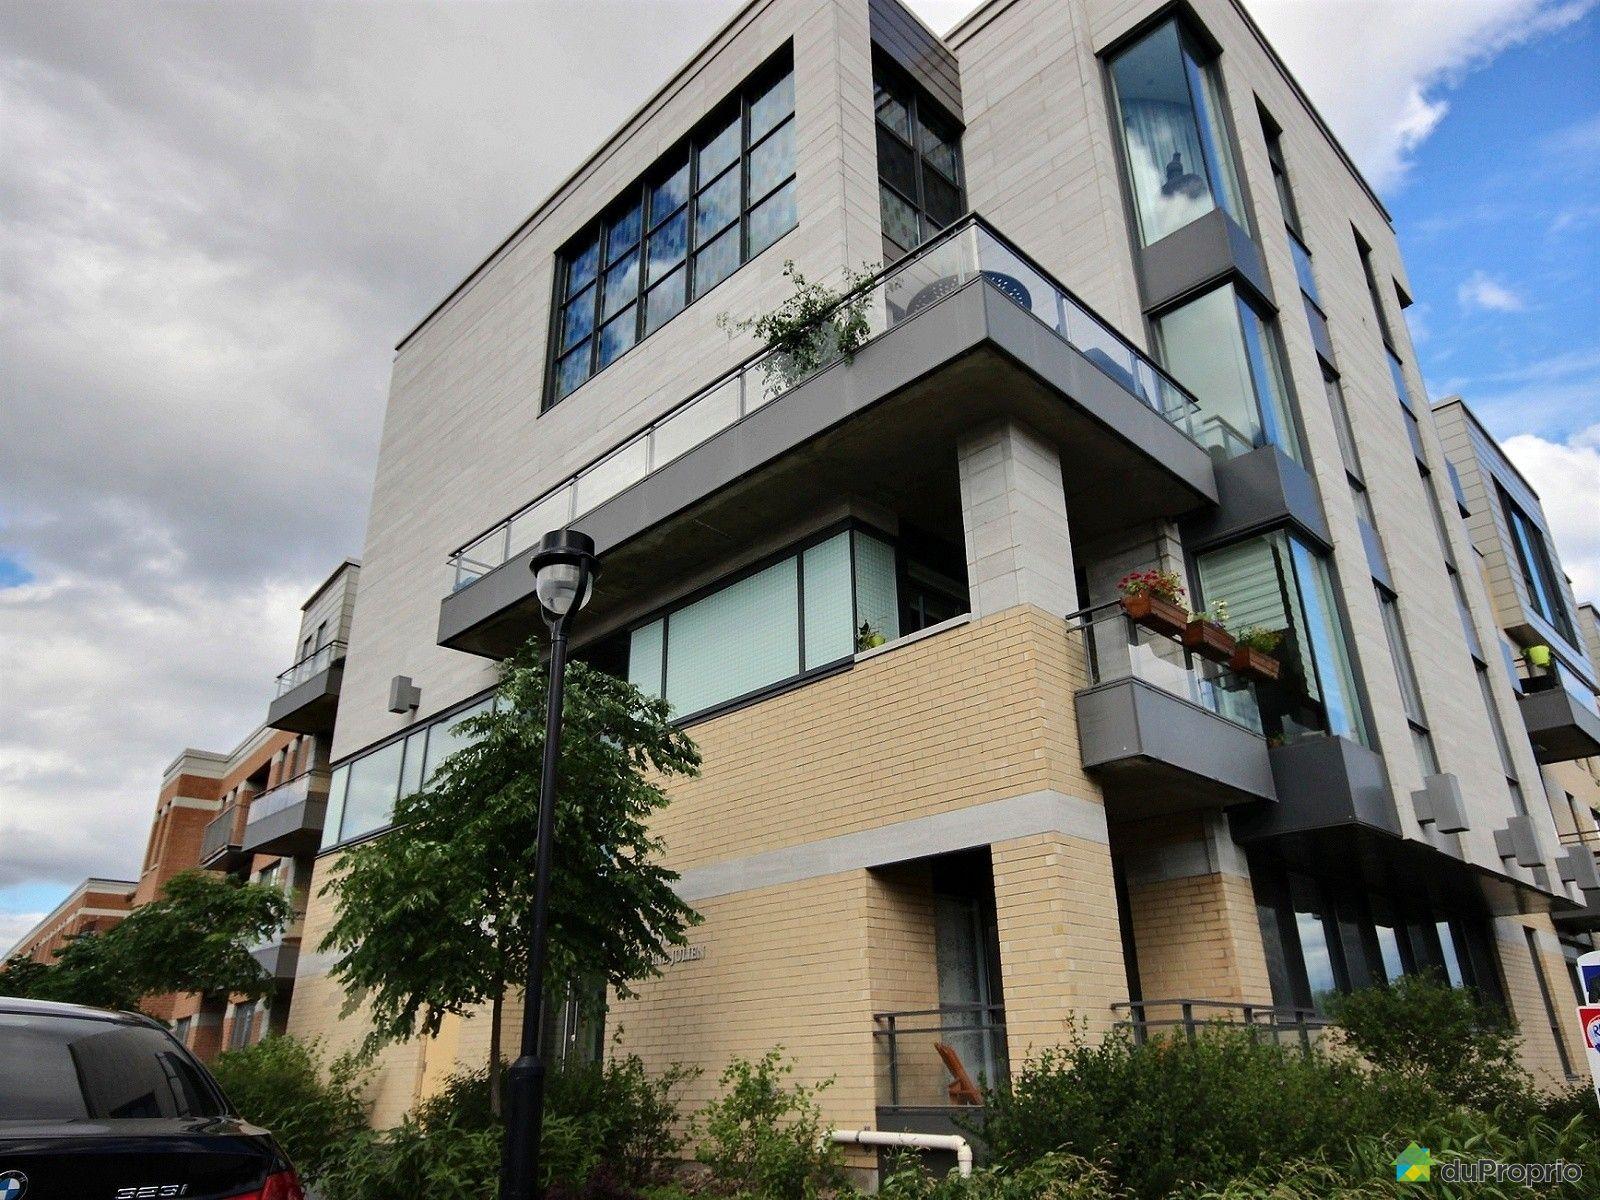 Condo vendre montr al 12 1200 rue pauline julien - Appartement meuble plateau mont royal ...